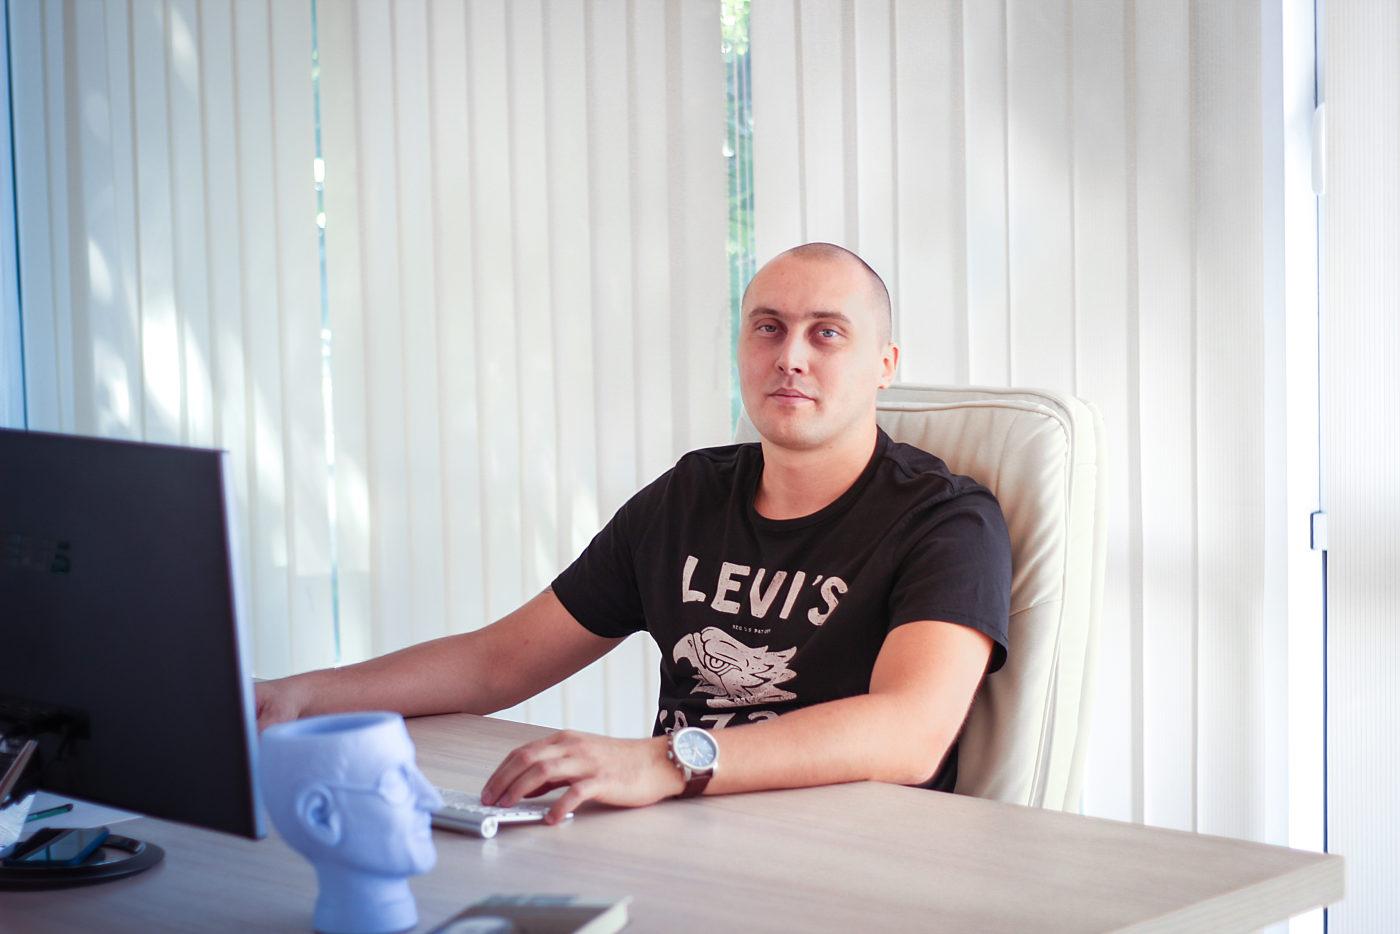 Интервью: Василий Иванов: «Выбирайте то дело, которое нравится. Если бы я когда-то поступил иначе, я бы так и остался рядовым сотрудником»